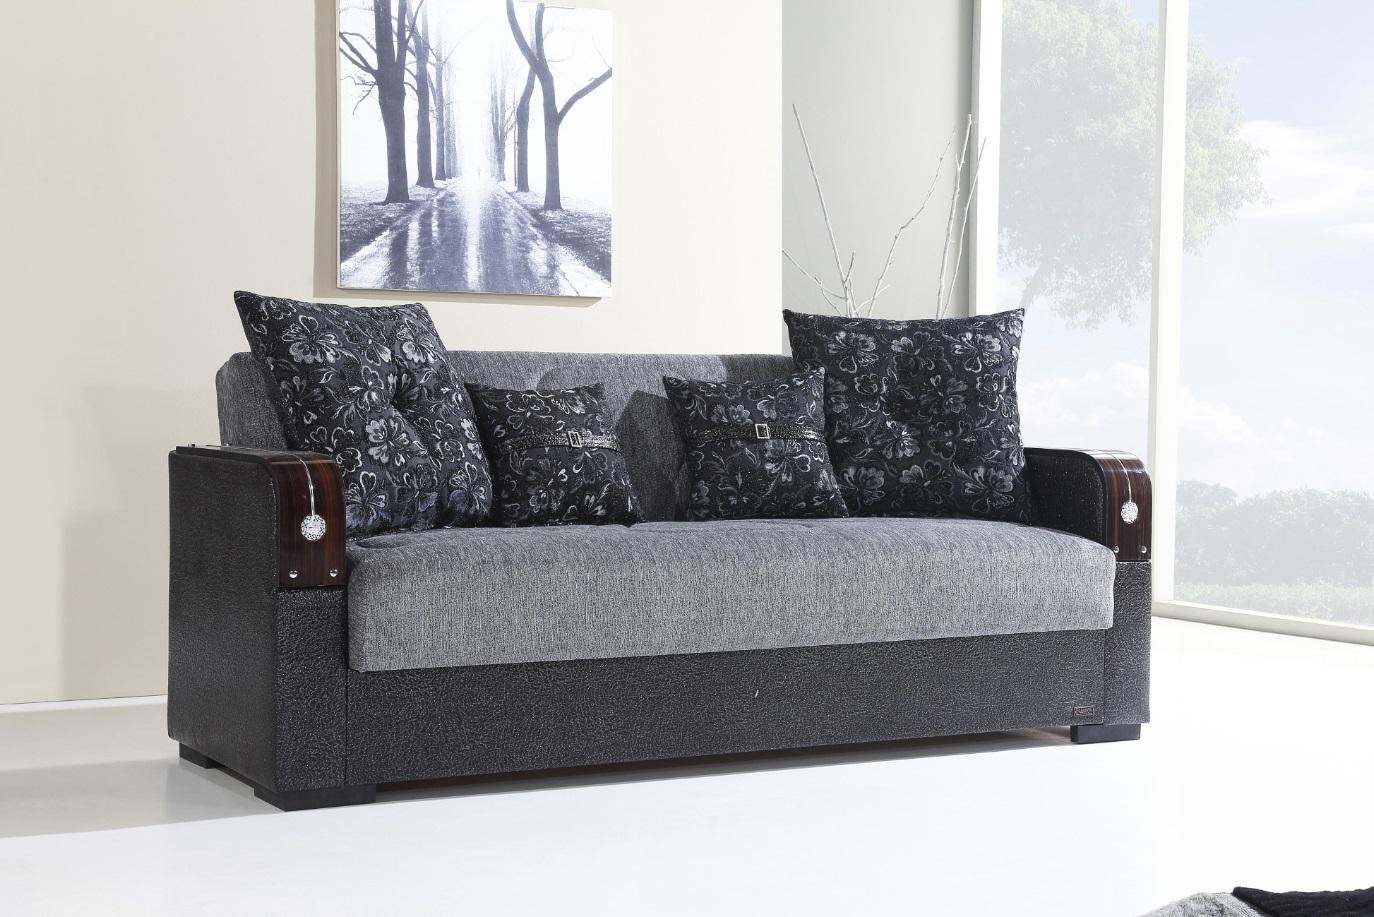 Windy Schlafsofa Misra mit Bettkasten 3-Sitzer Grau